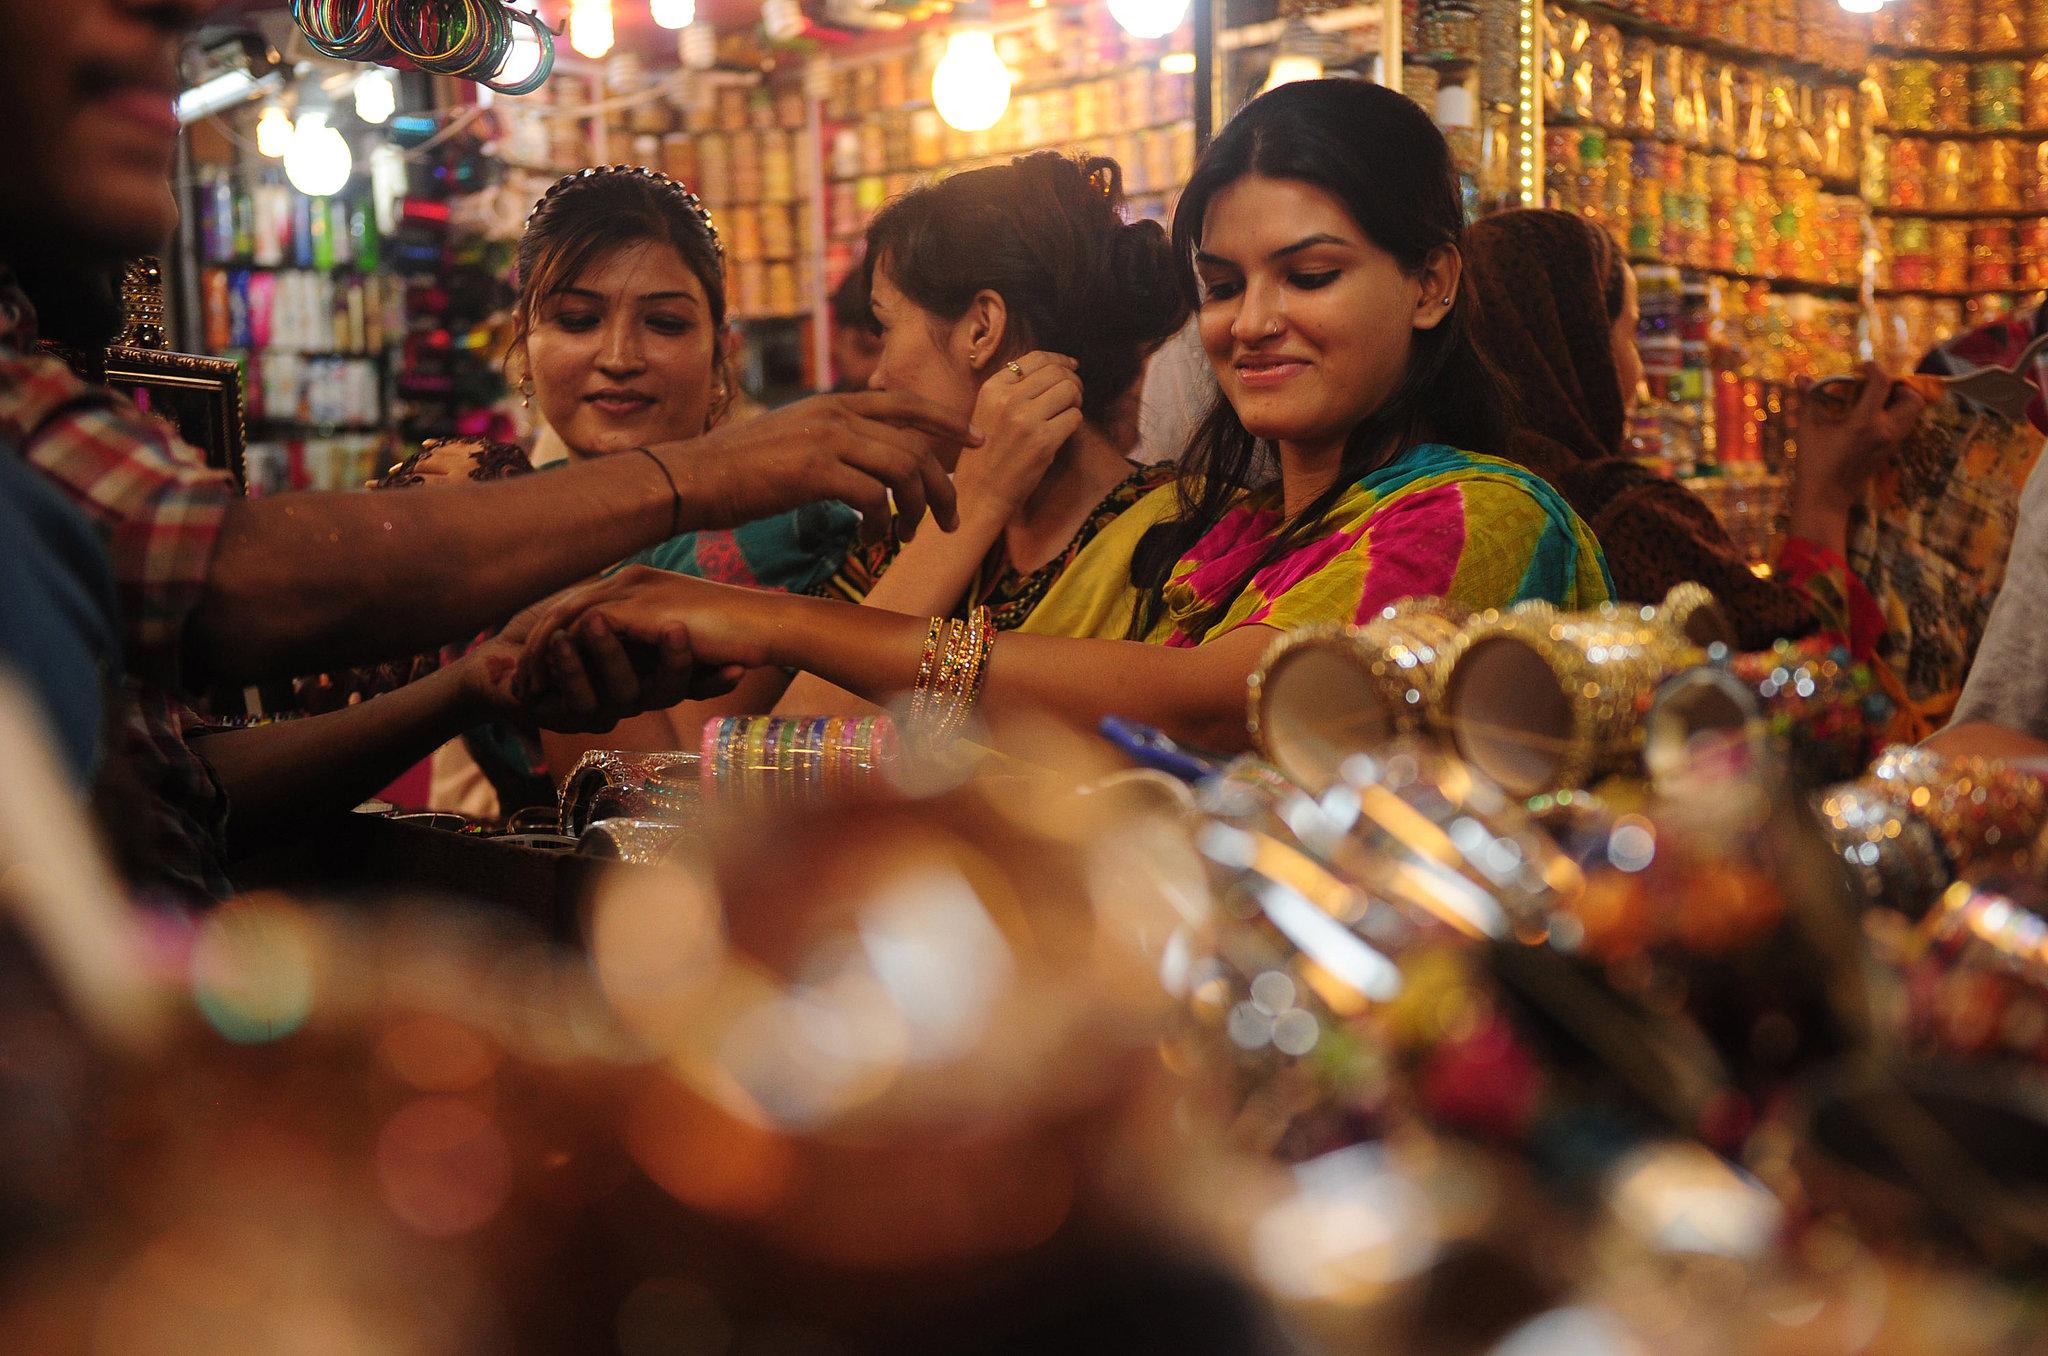 Women in Karachi, Pakistan, shopped for bangles ahead of Eid al-Fitr.